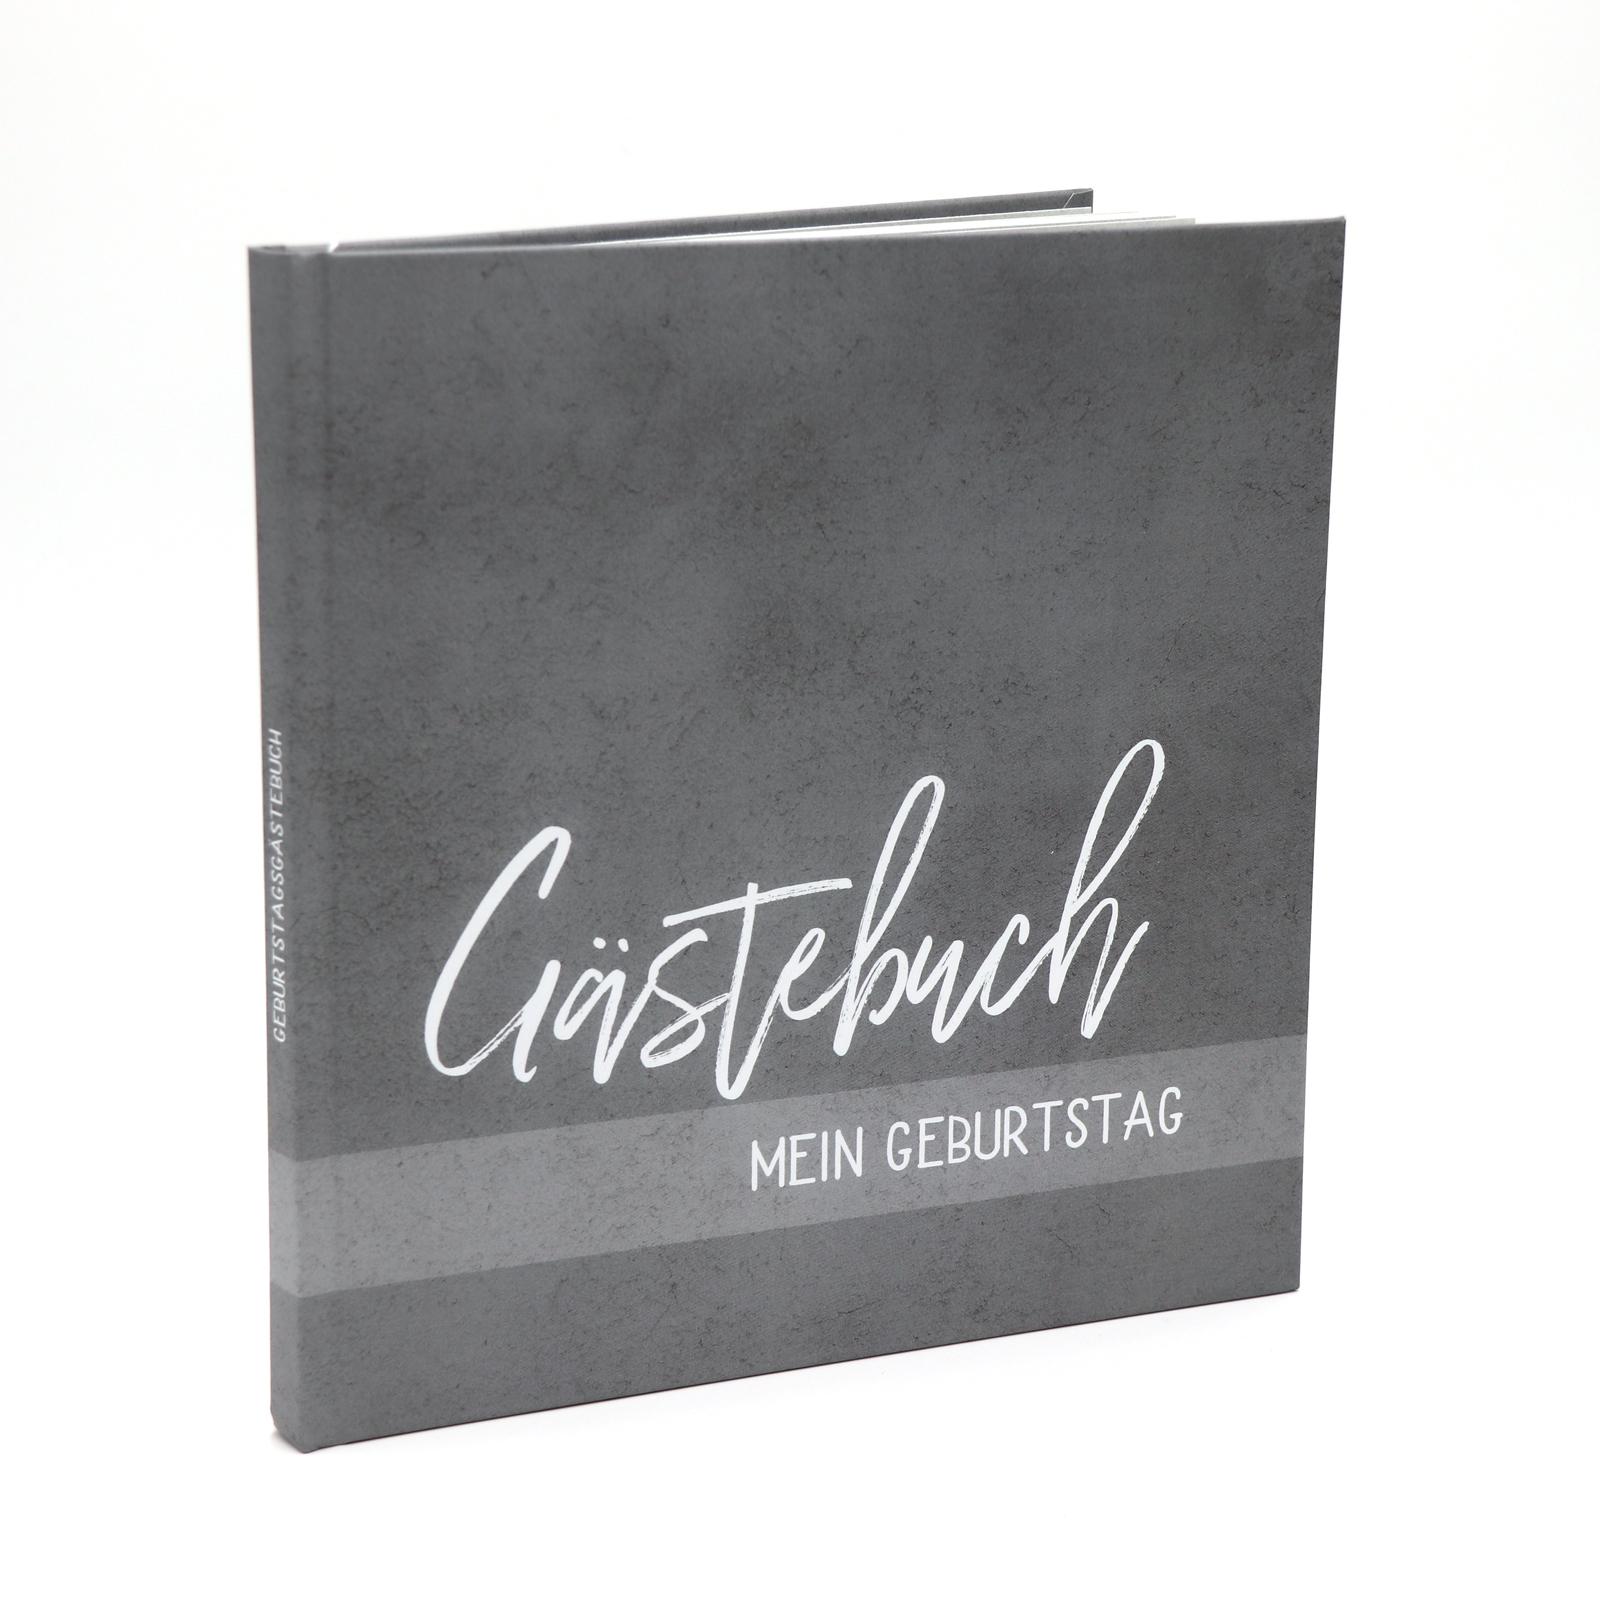 Gästebuch Geburtstag mit Fragen Hardcover + Fadenheftung - grau - 80 Seiten